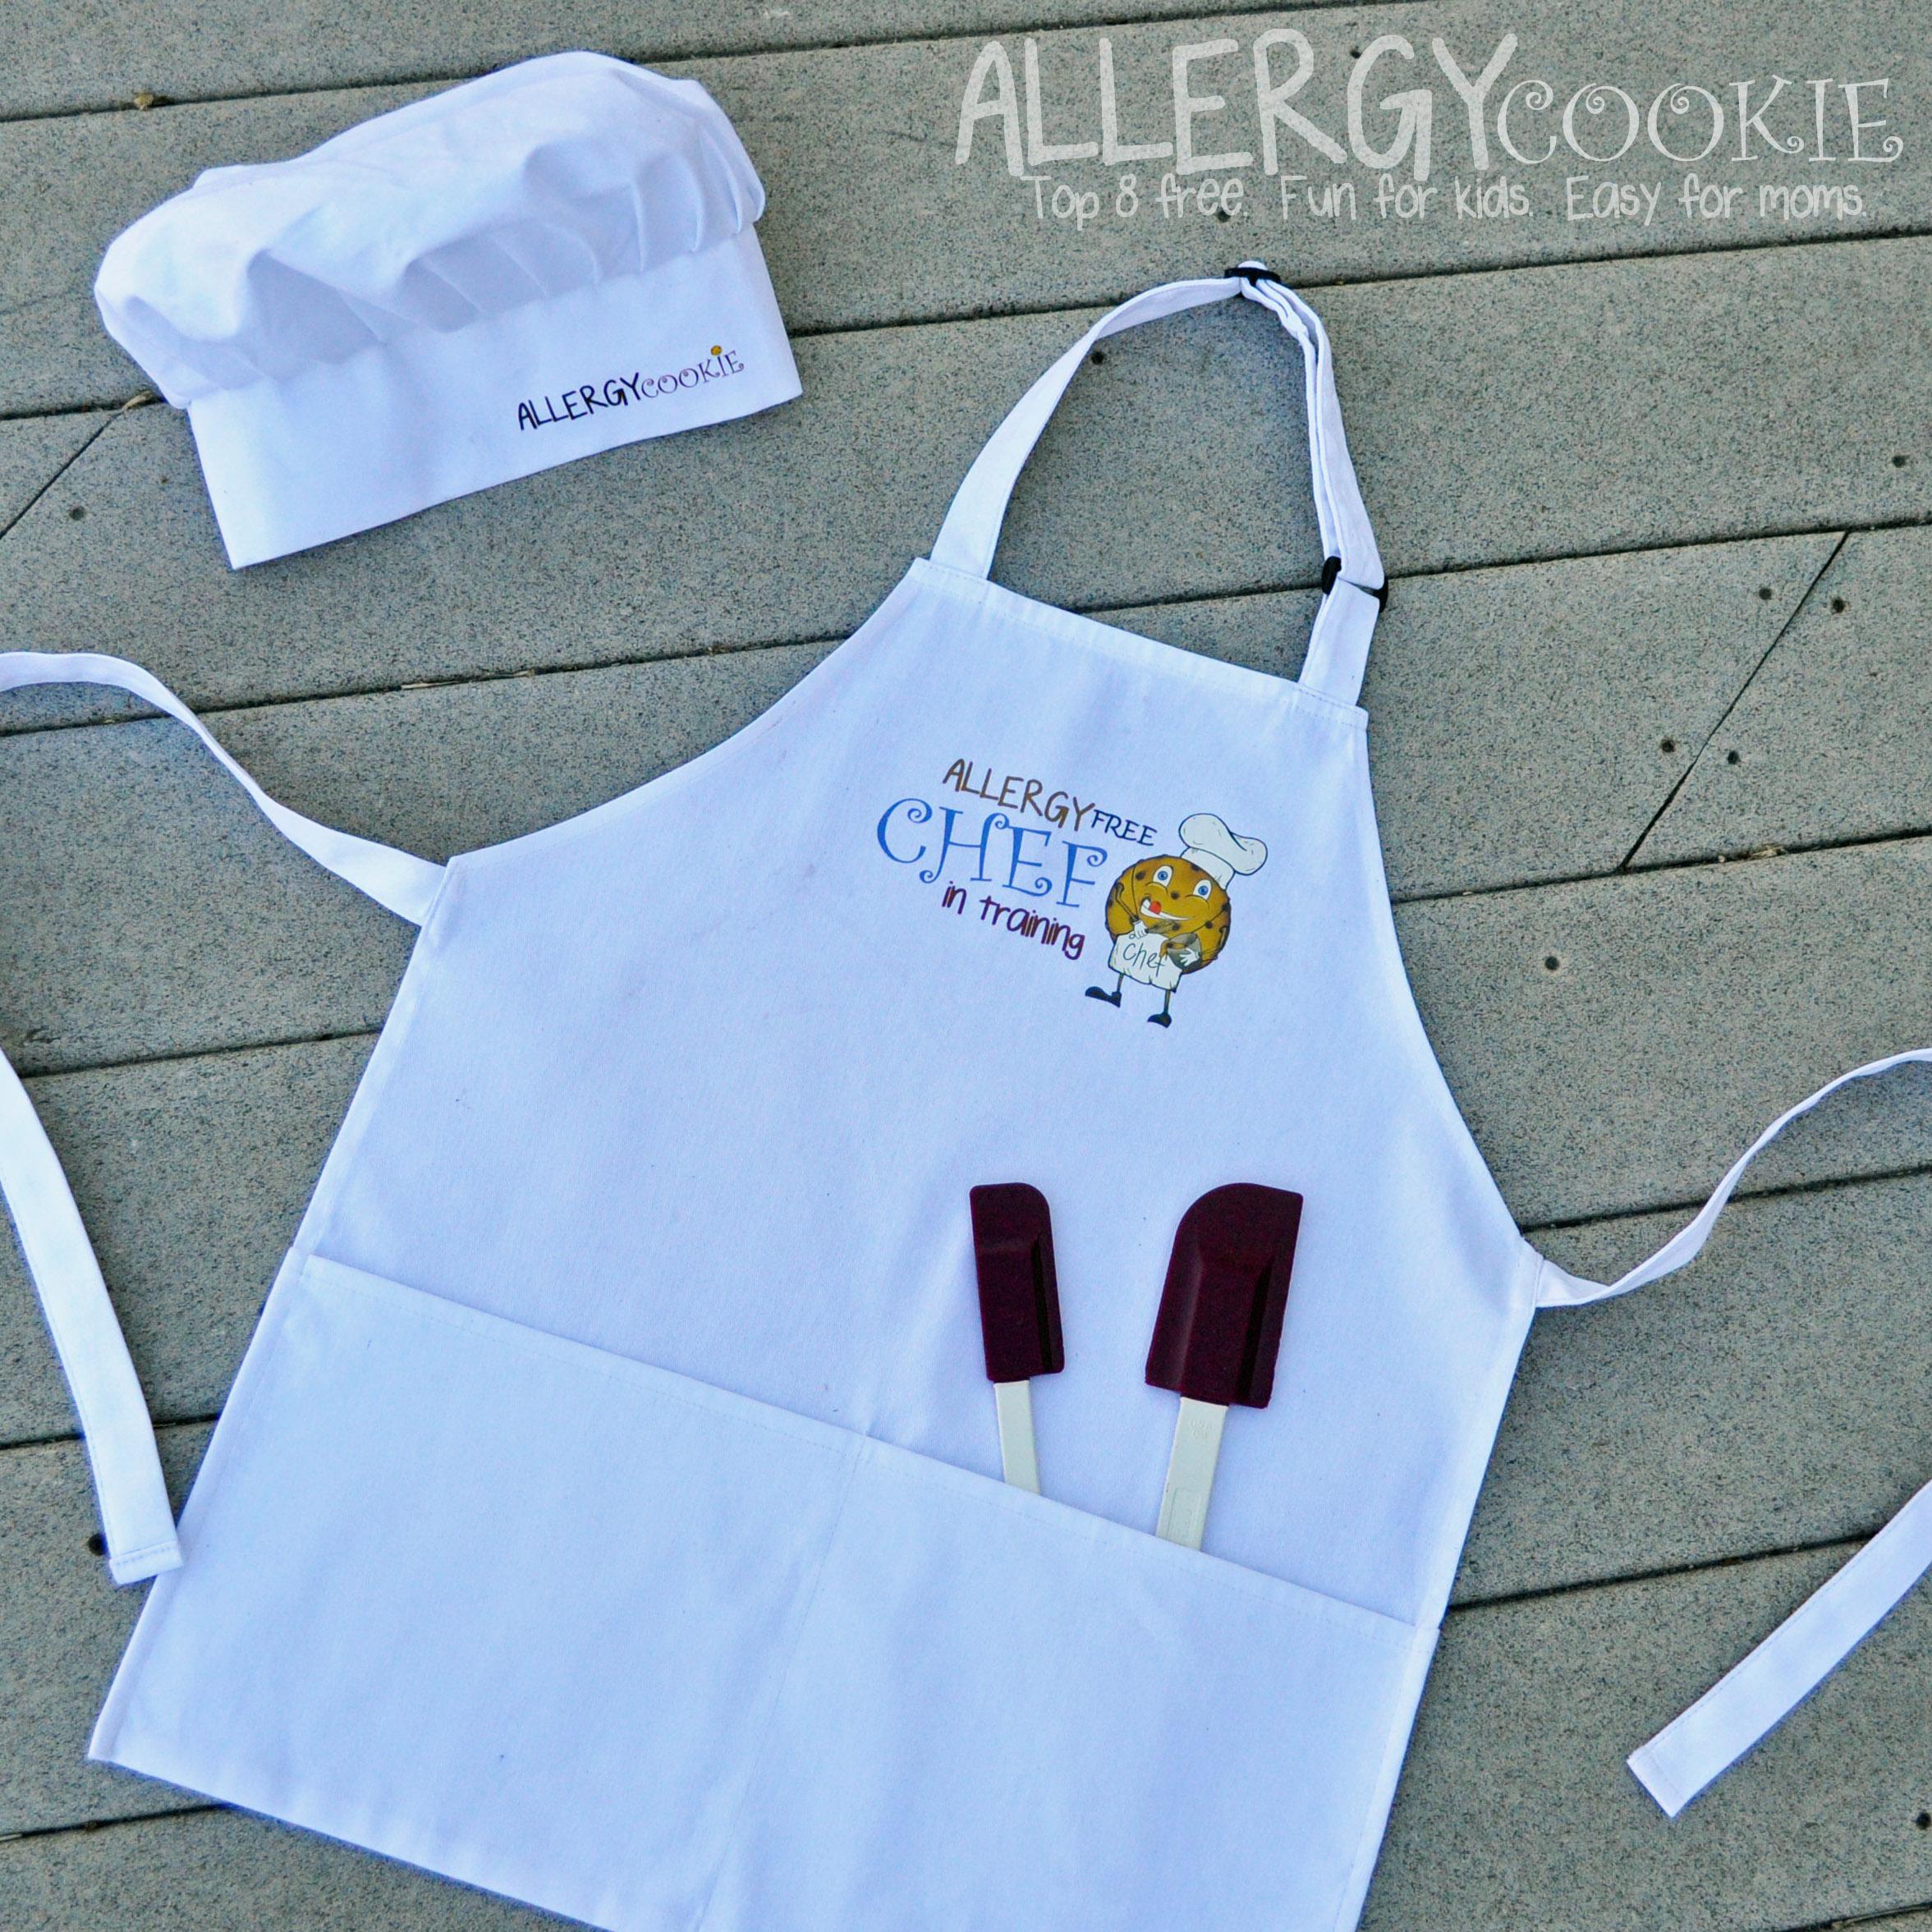 Blue apron allergies - Tweets By Allergycookie